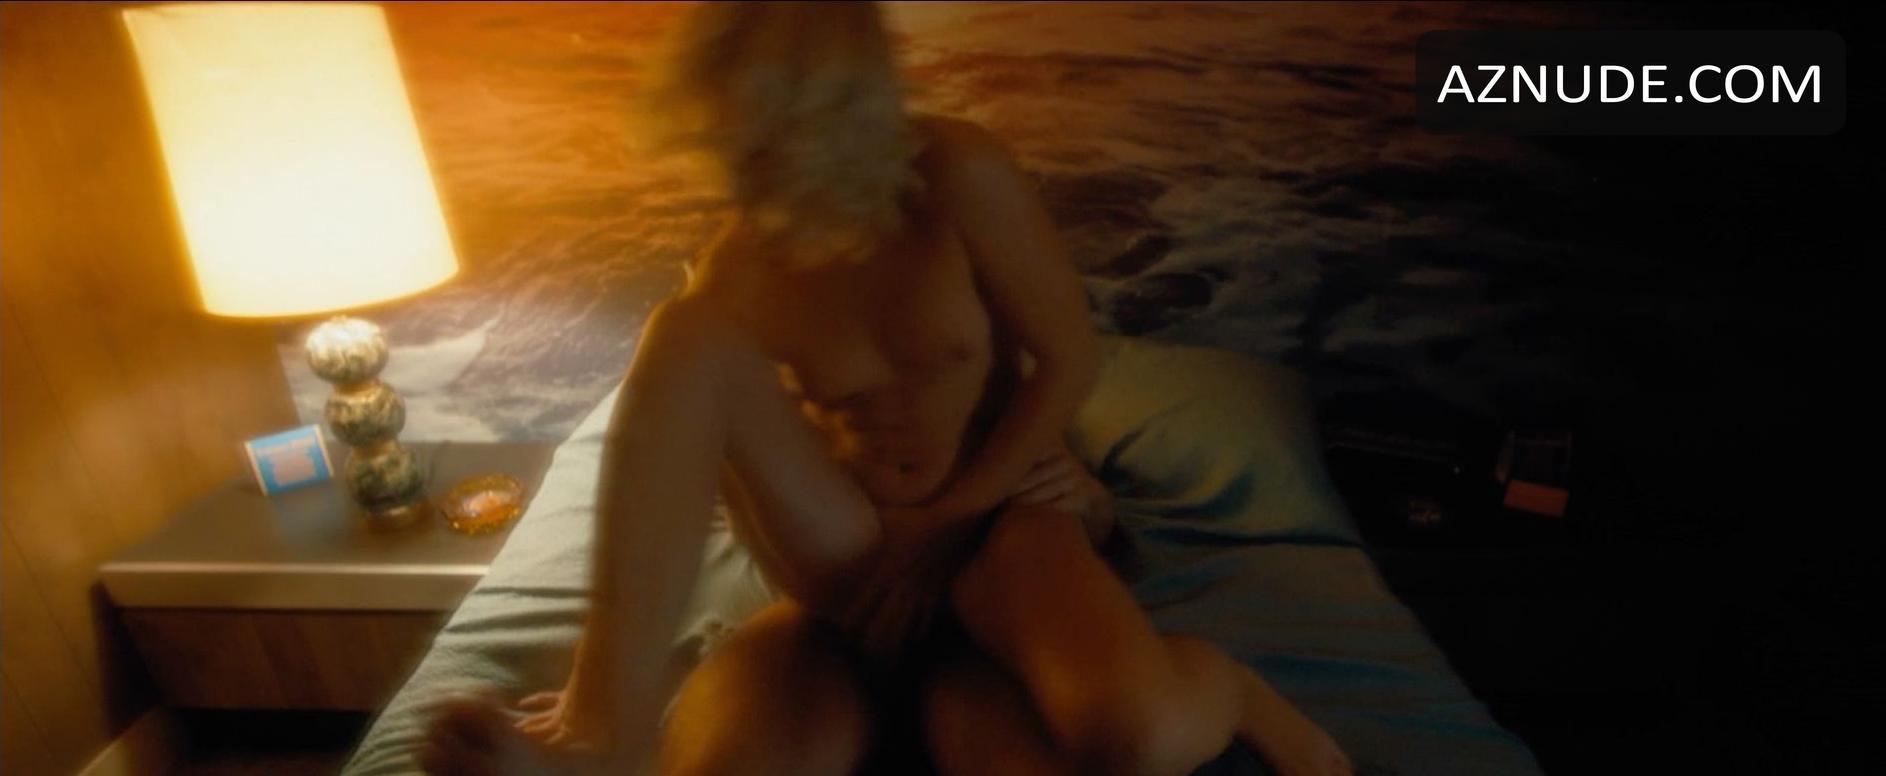 Meagan good nude sex tape